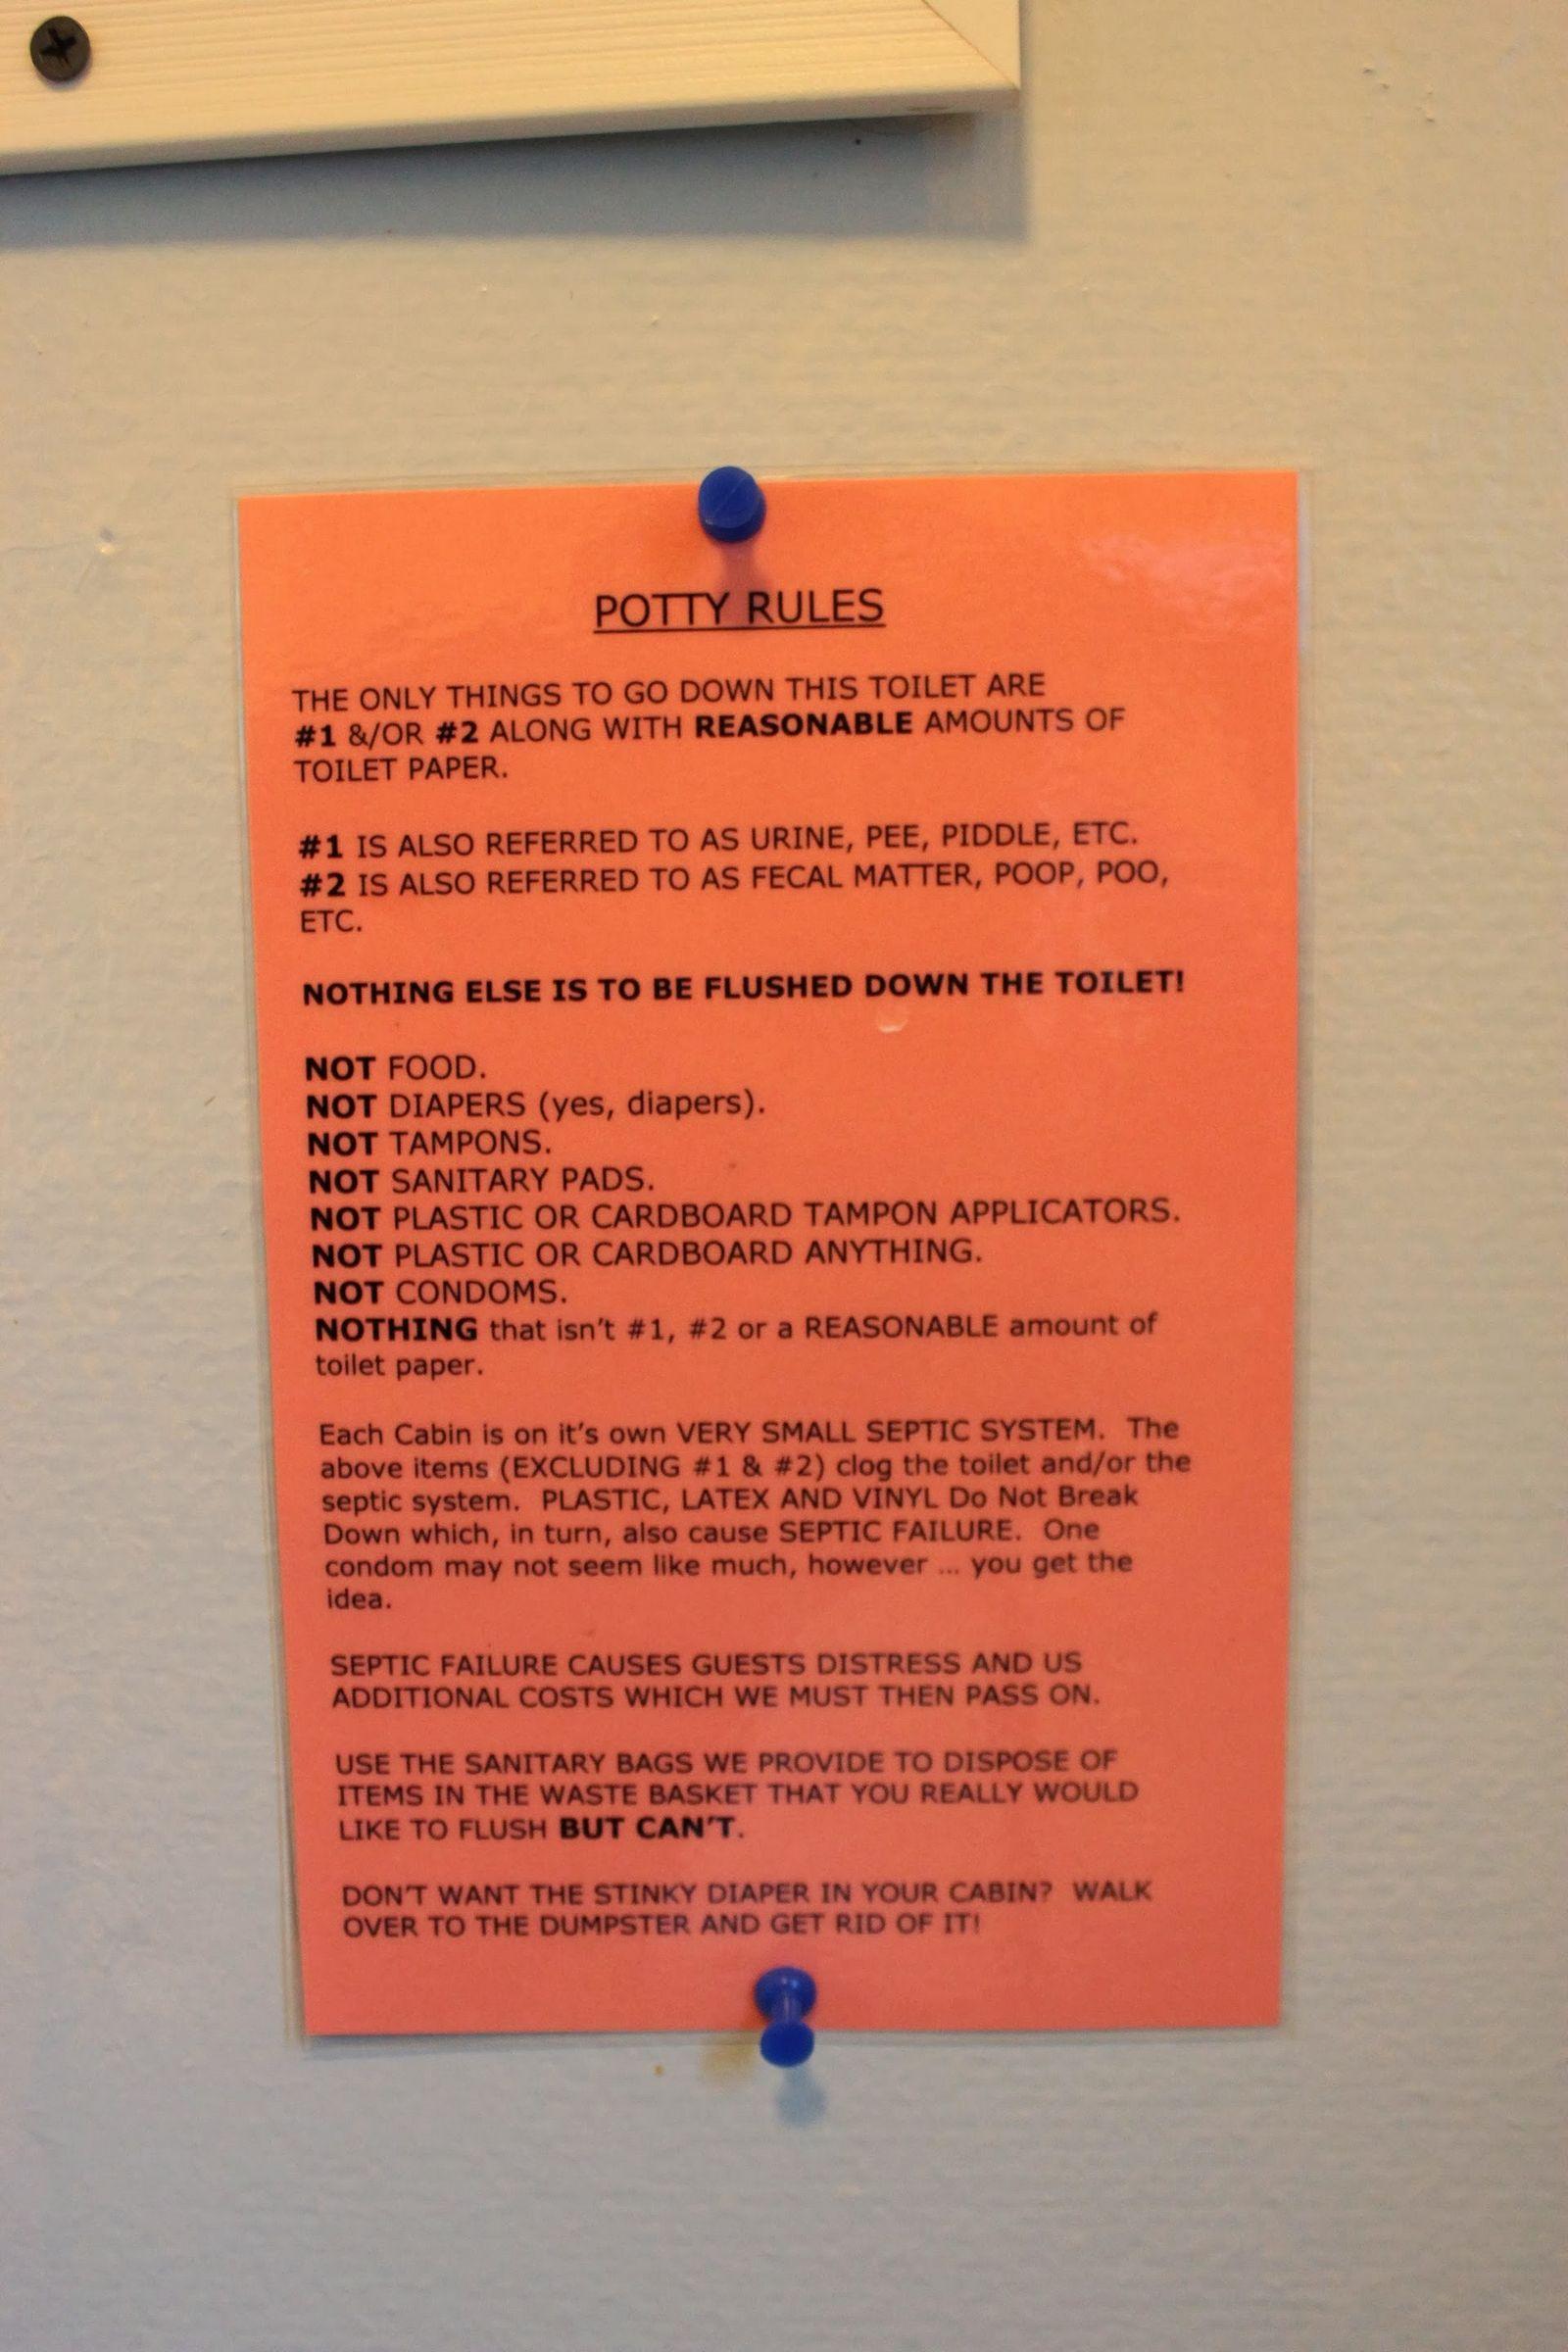 Reglas del baño: no tiren pañales, preservativos... sí, va en serio